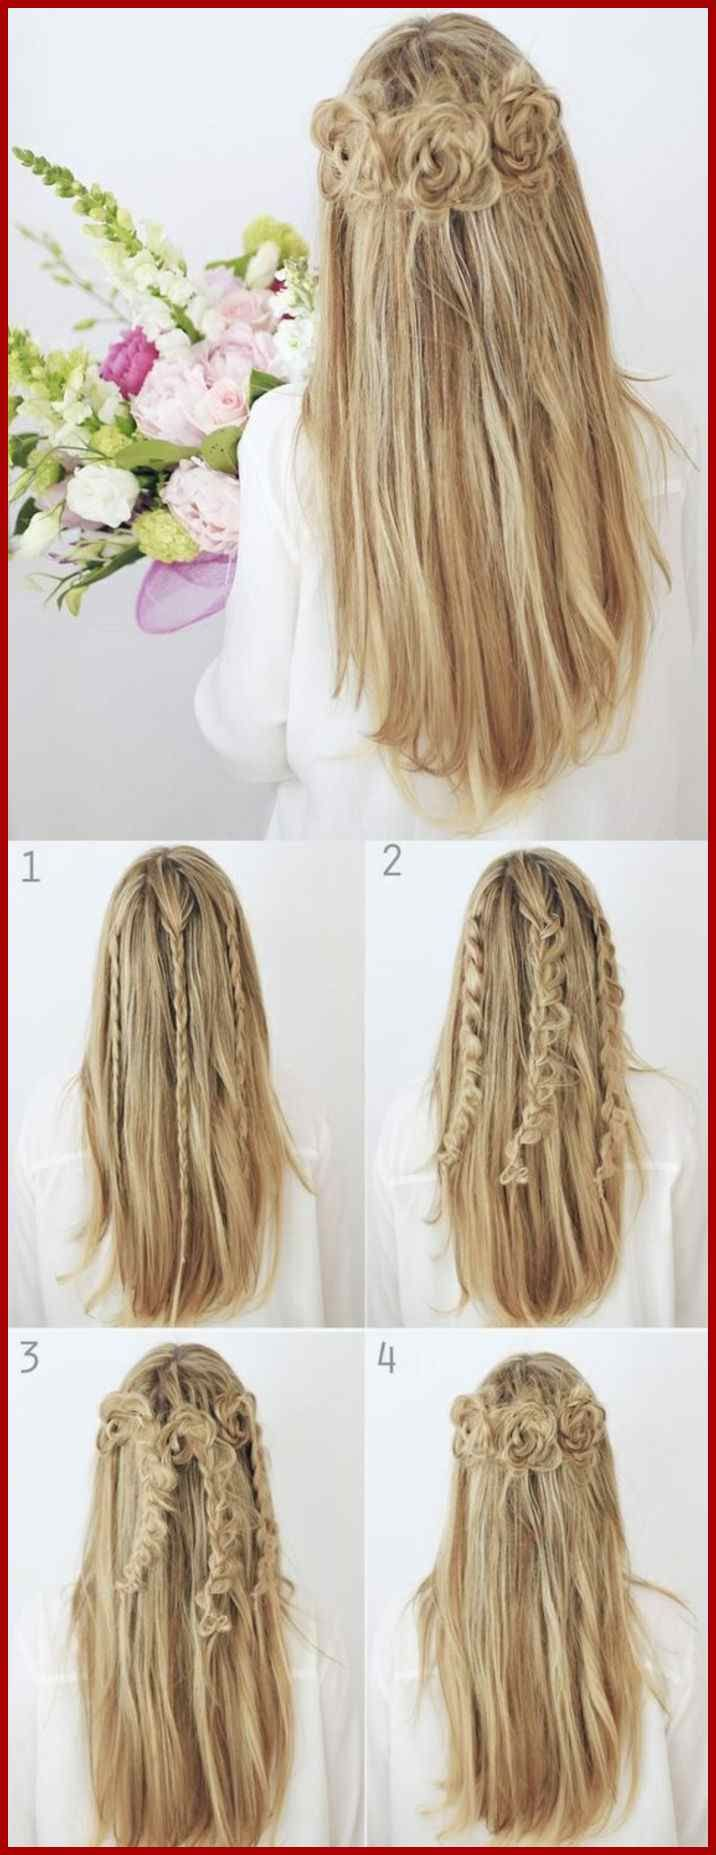 Lange Glatte Blonde Haare Frisur Mit Rosen Frisur Pinterest Frisuren Tutorials Geflochtene Frisuren Flechtfrisuren Flechtfrisuren Selber Machen